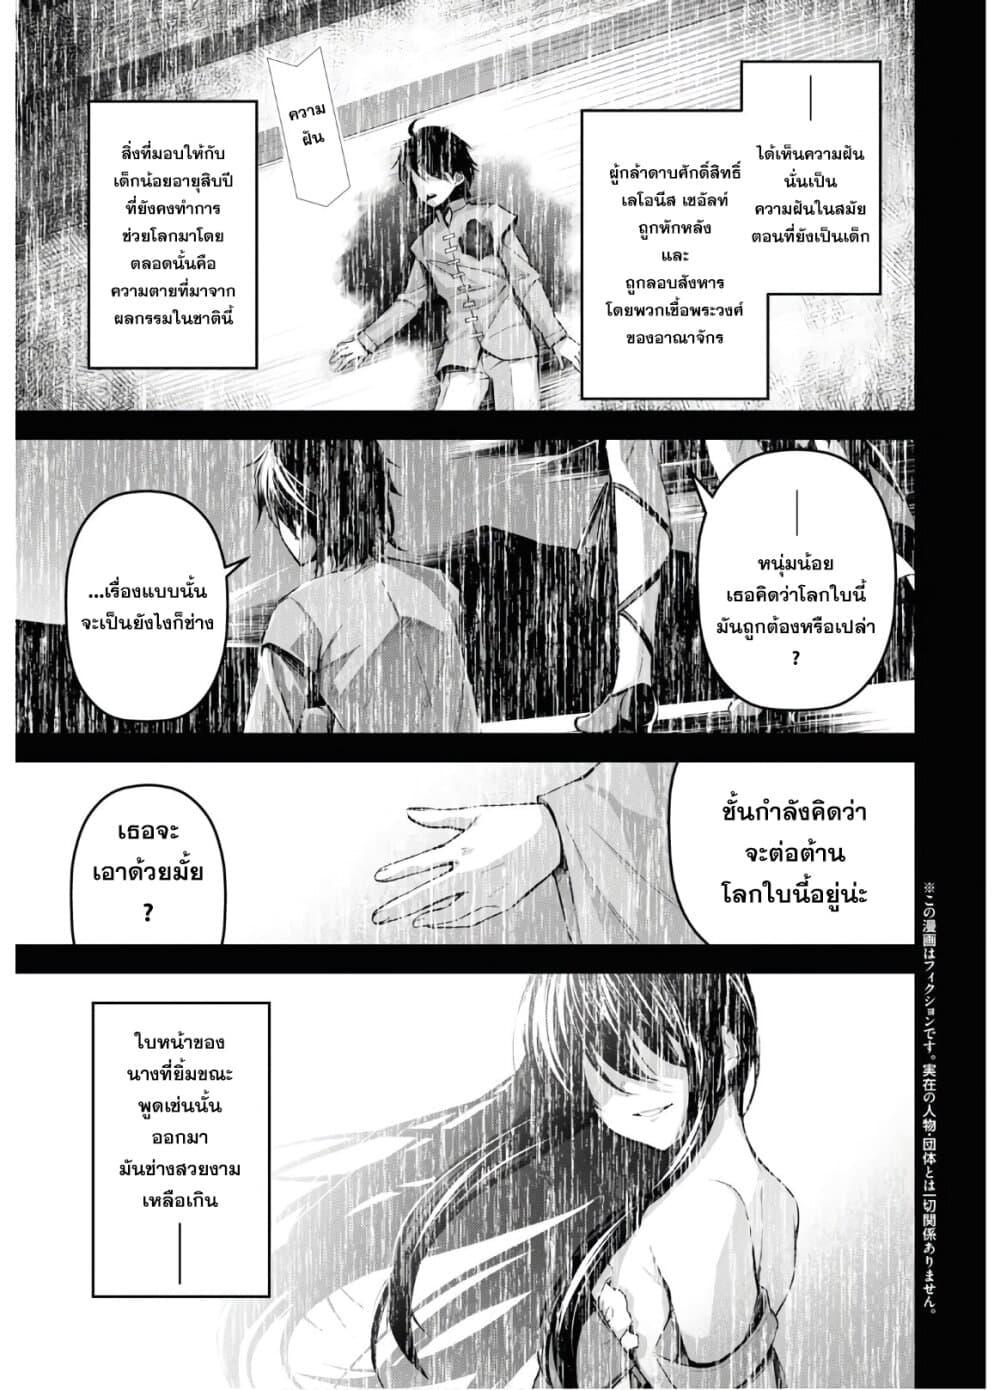 Seiken Gakuin no Maken Tsukai-ตอนที่ 8